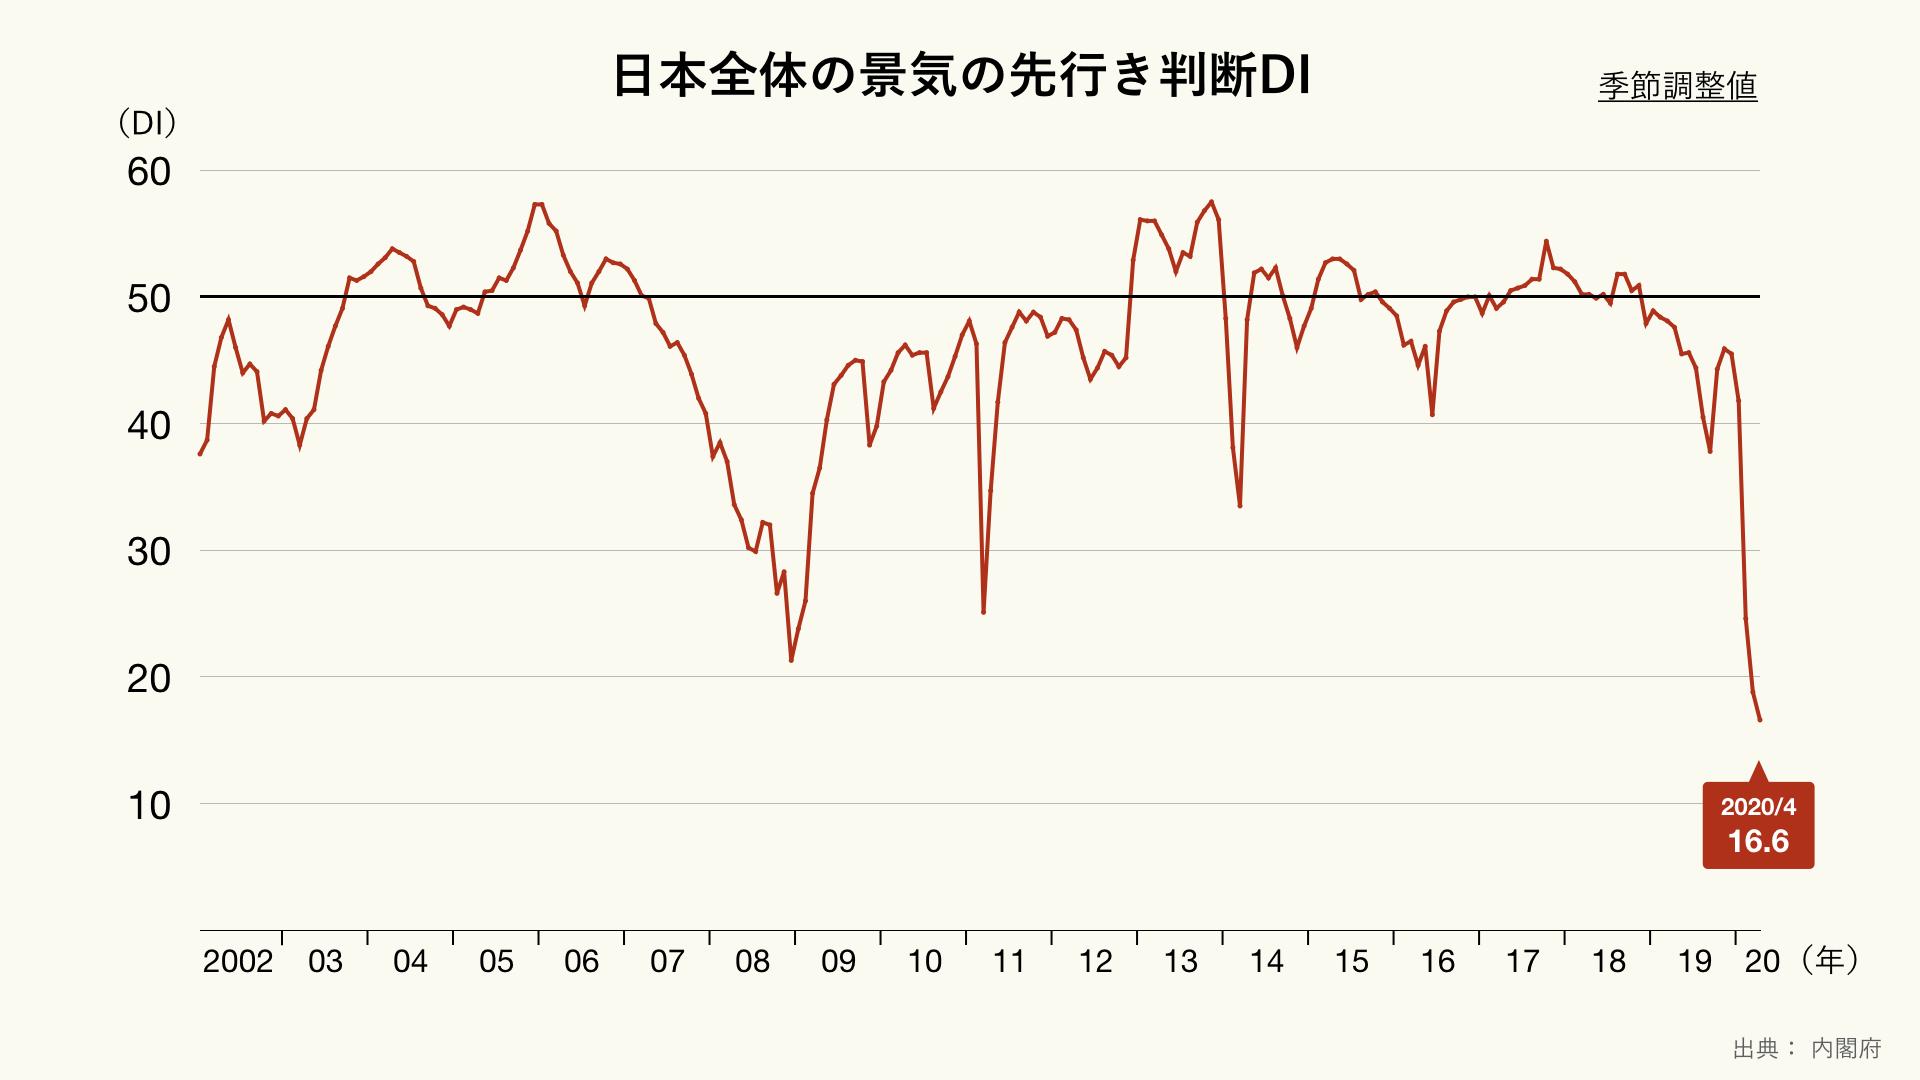 日本全体の景気の先行き判断DIのグラフ